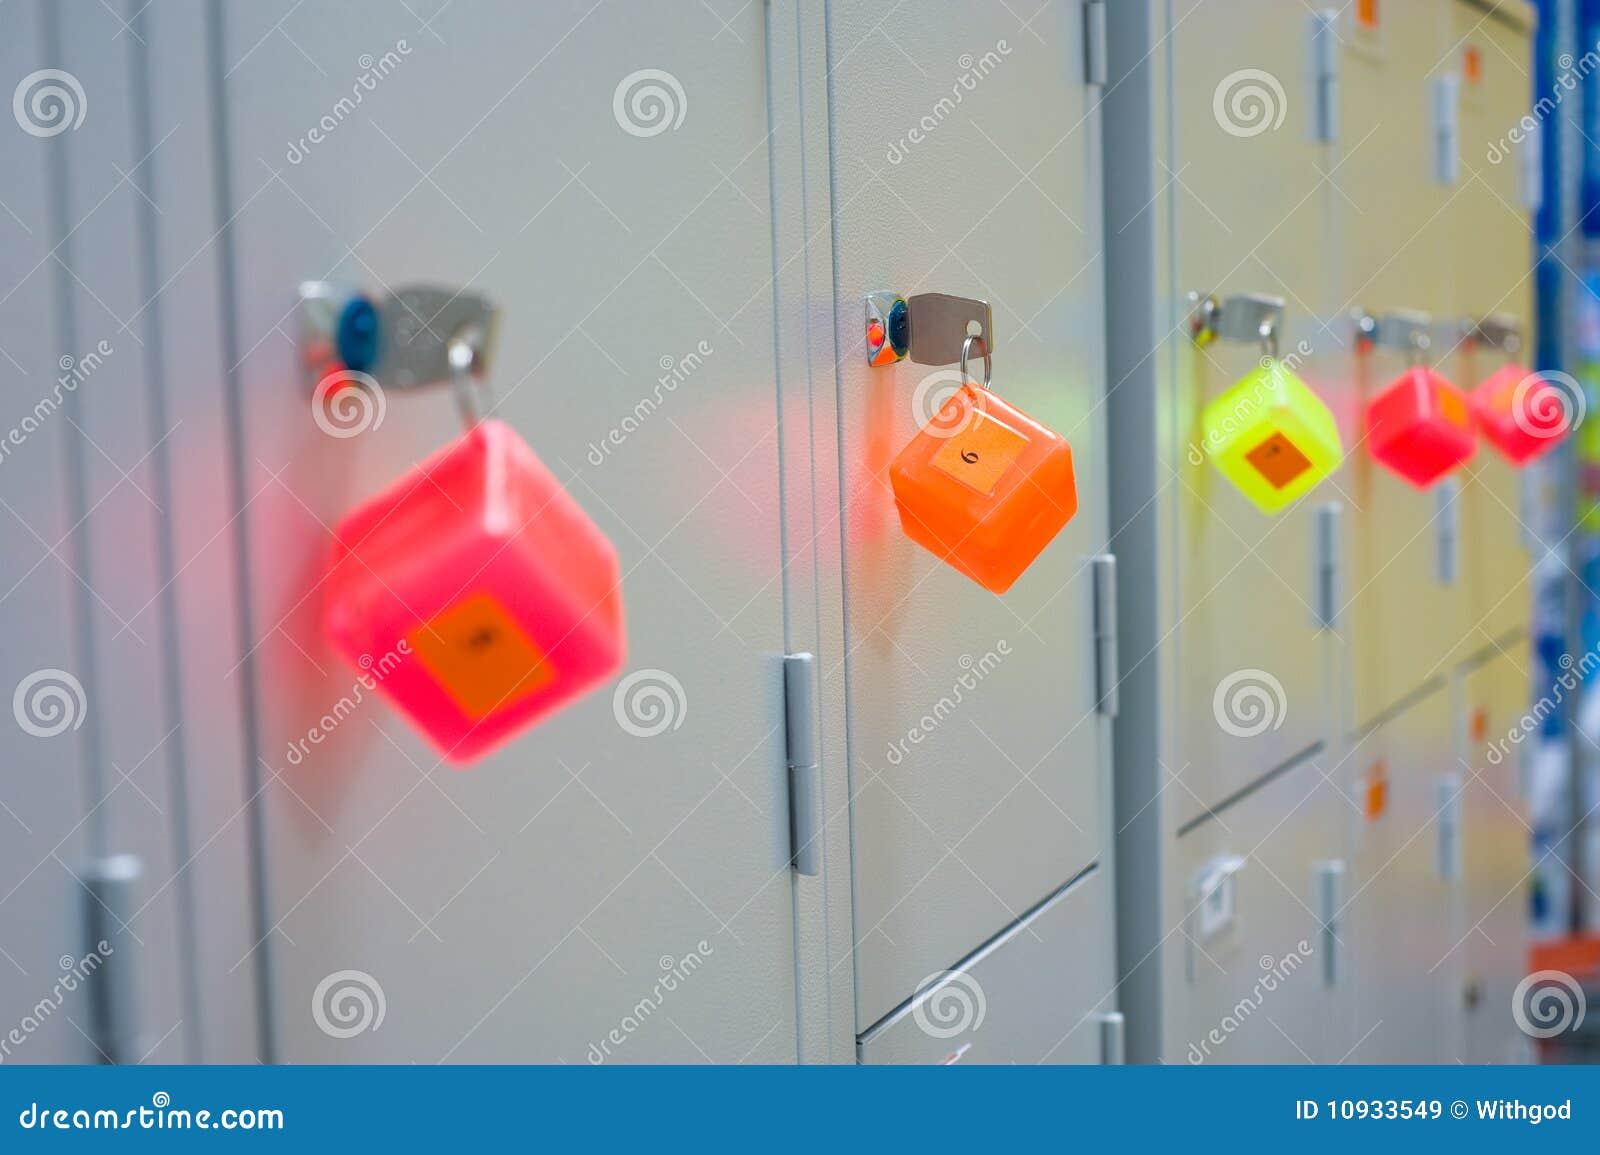 хранение клеток